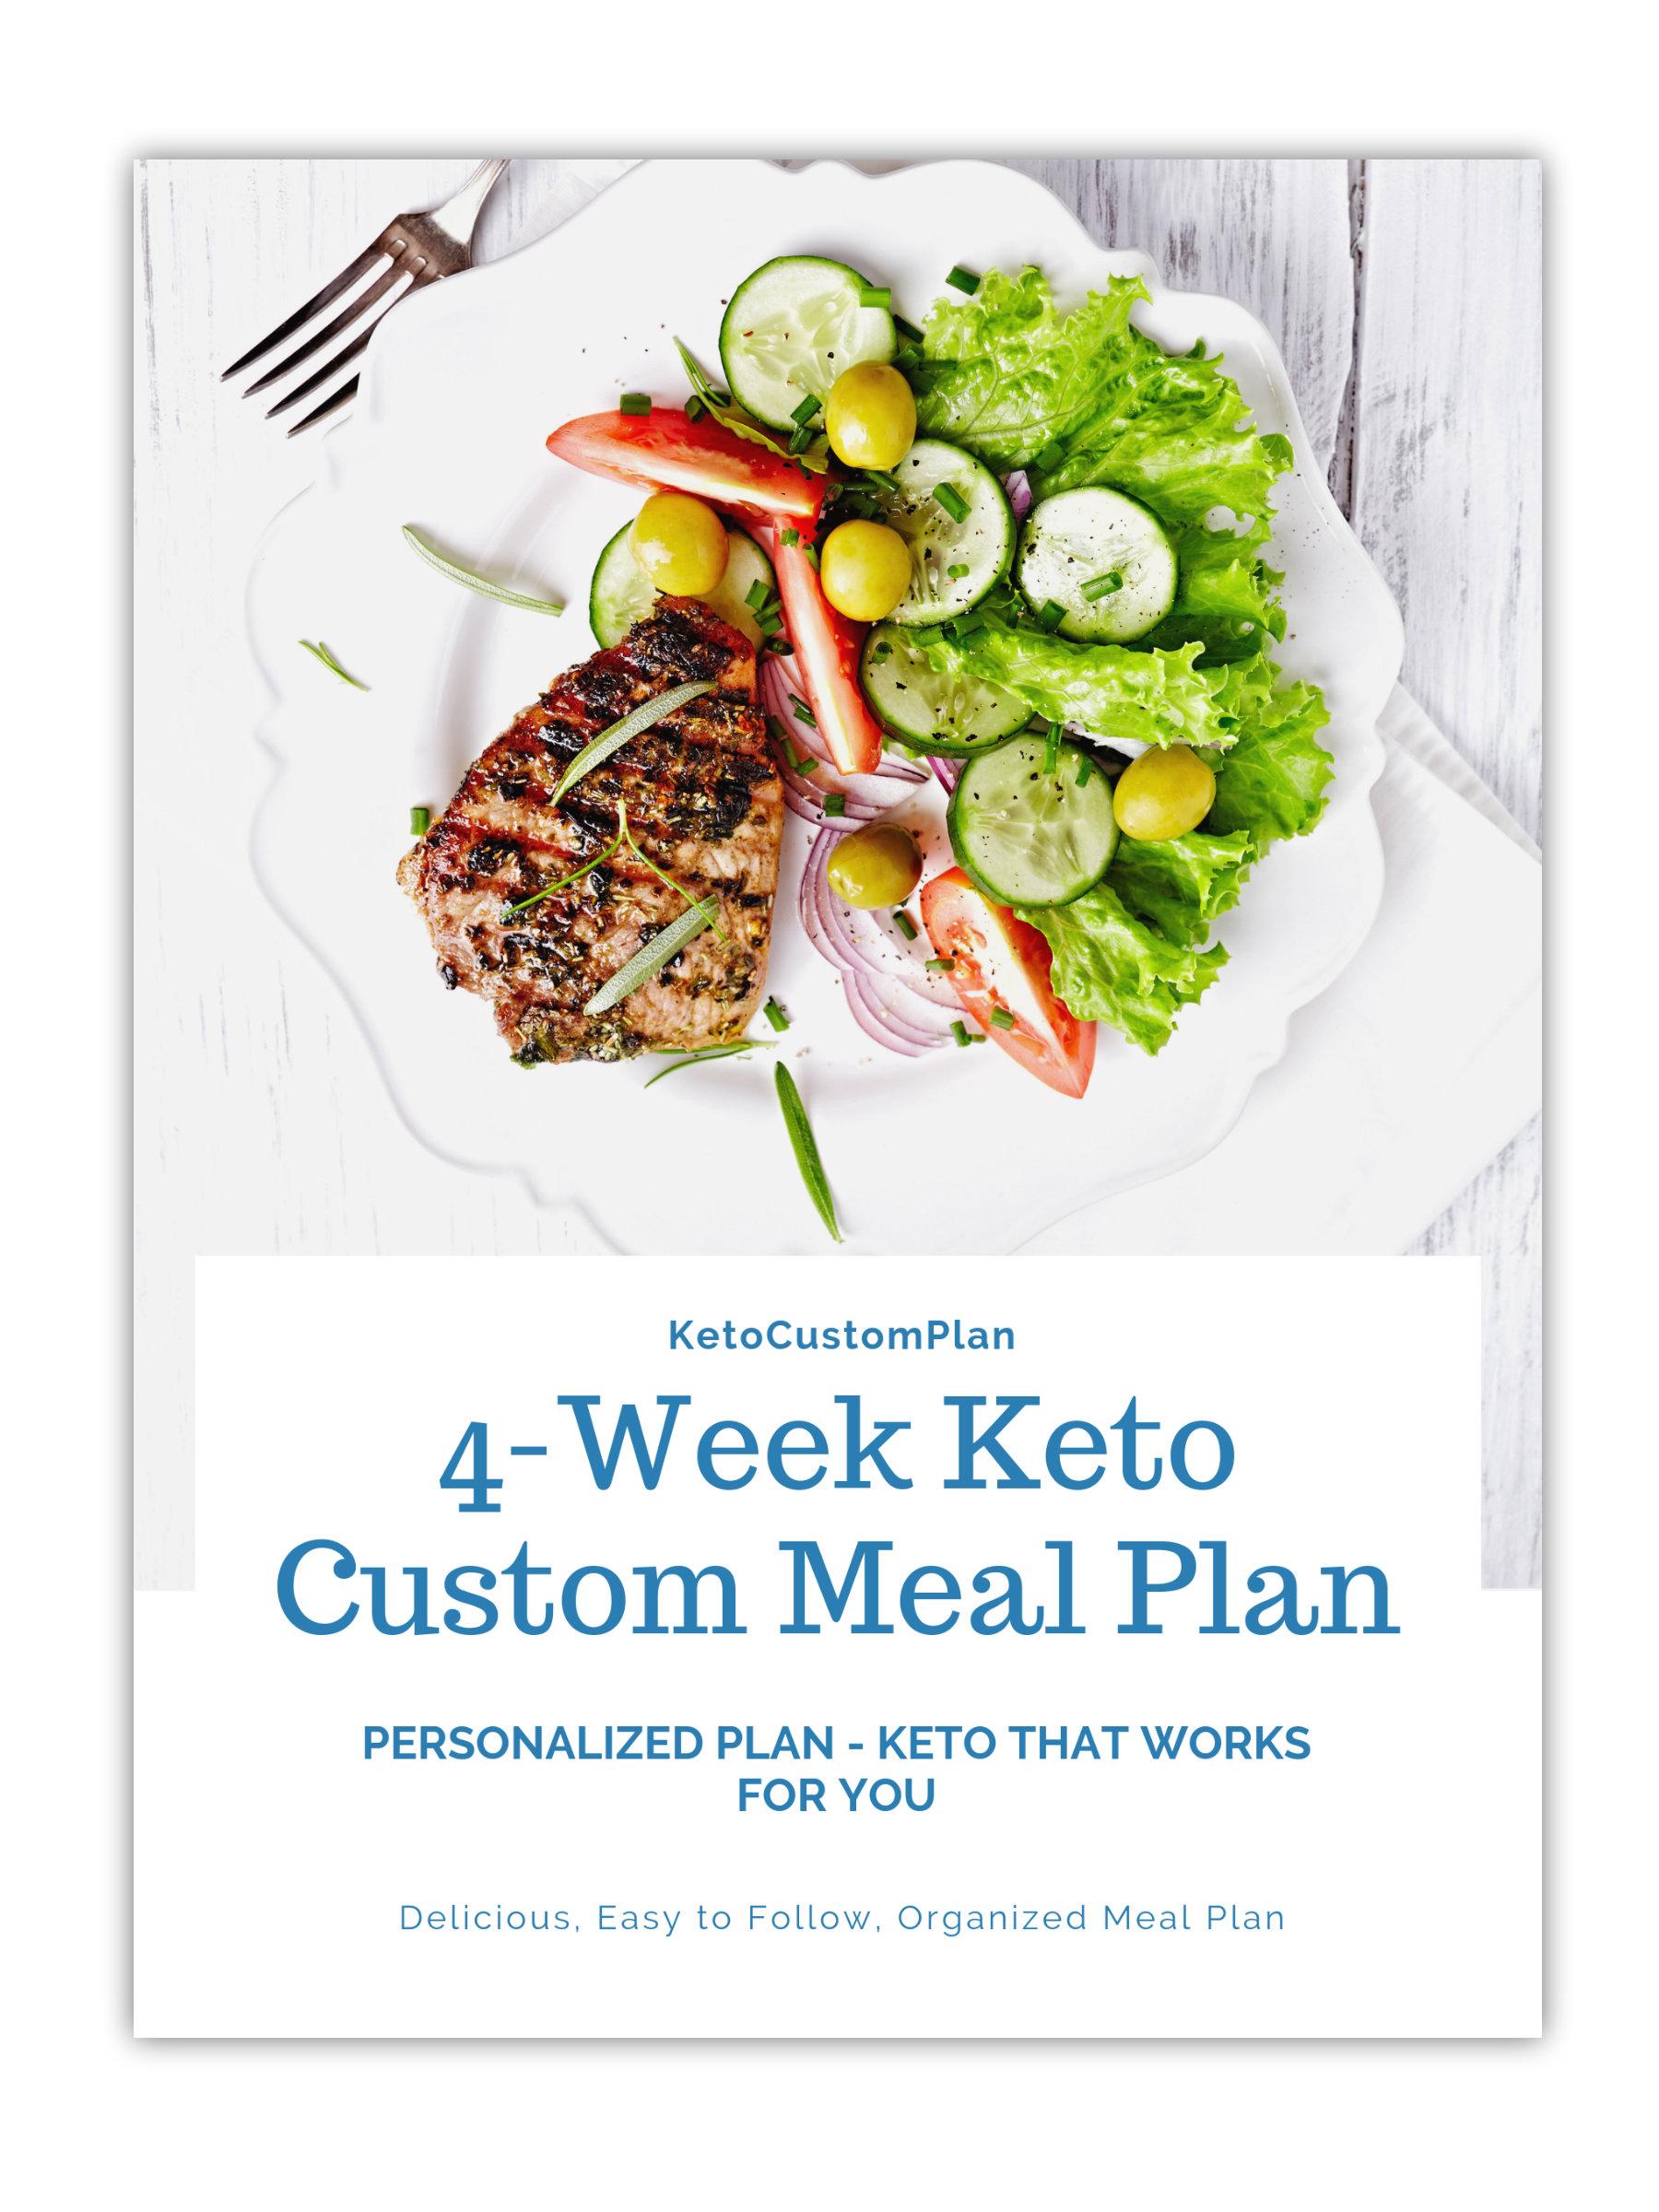 Quickest way to start keto diet